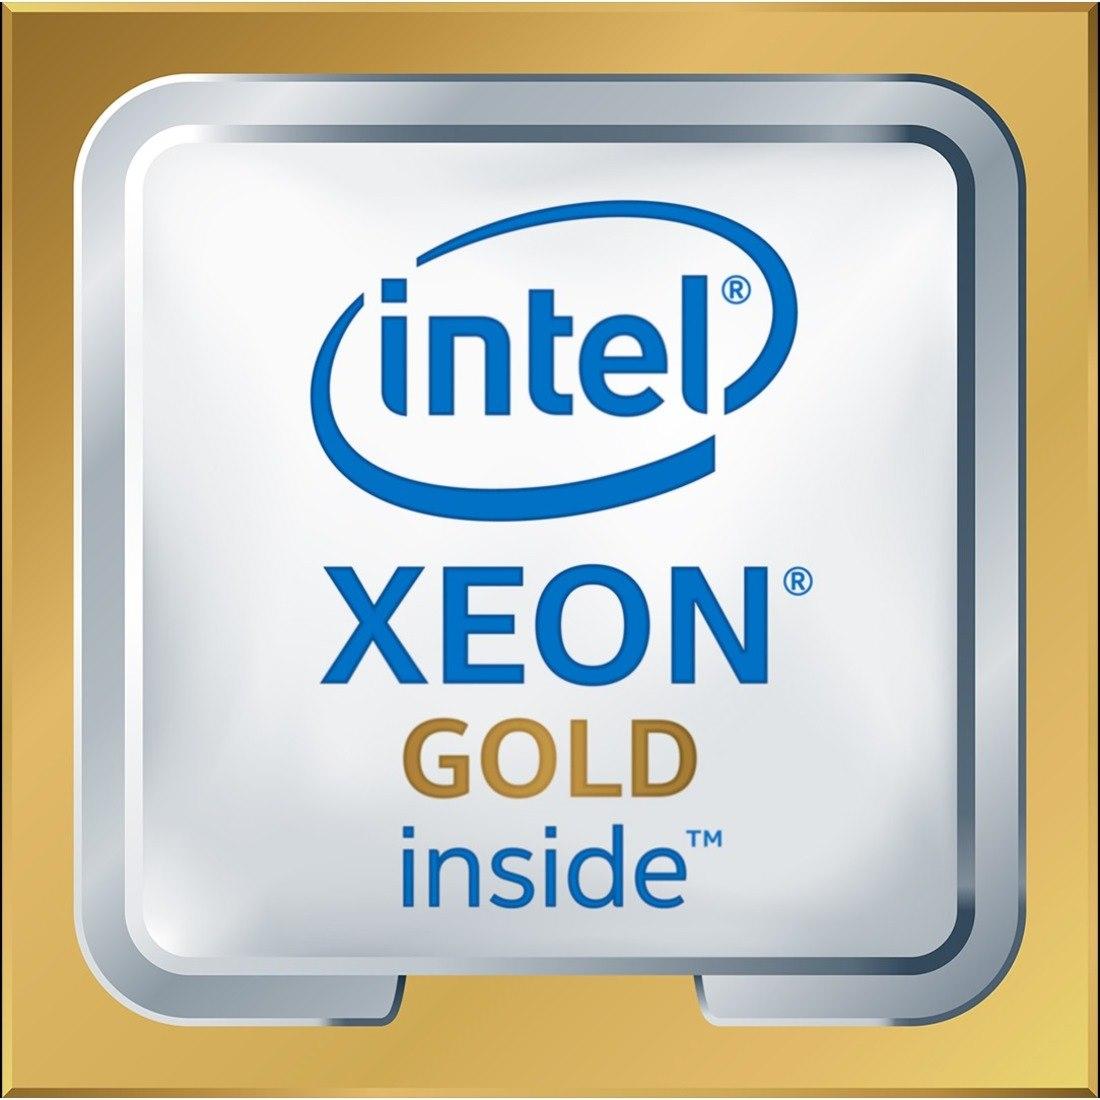 Cisco Intel Xeon 6152 Docosa-core (22 Core) 2.10 GHz Processor Upgrade